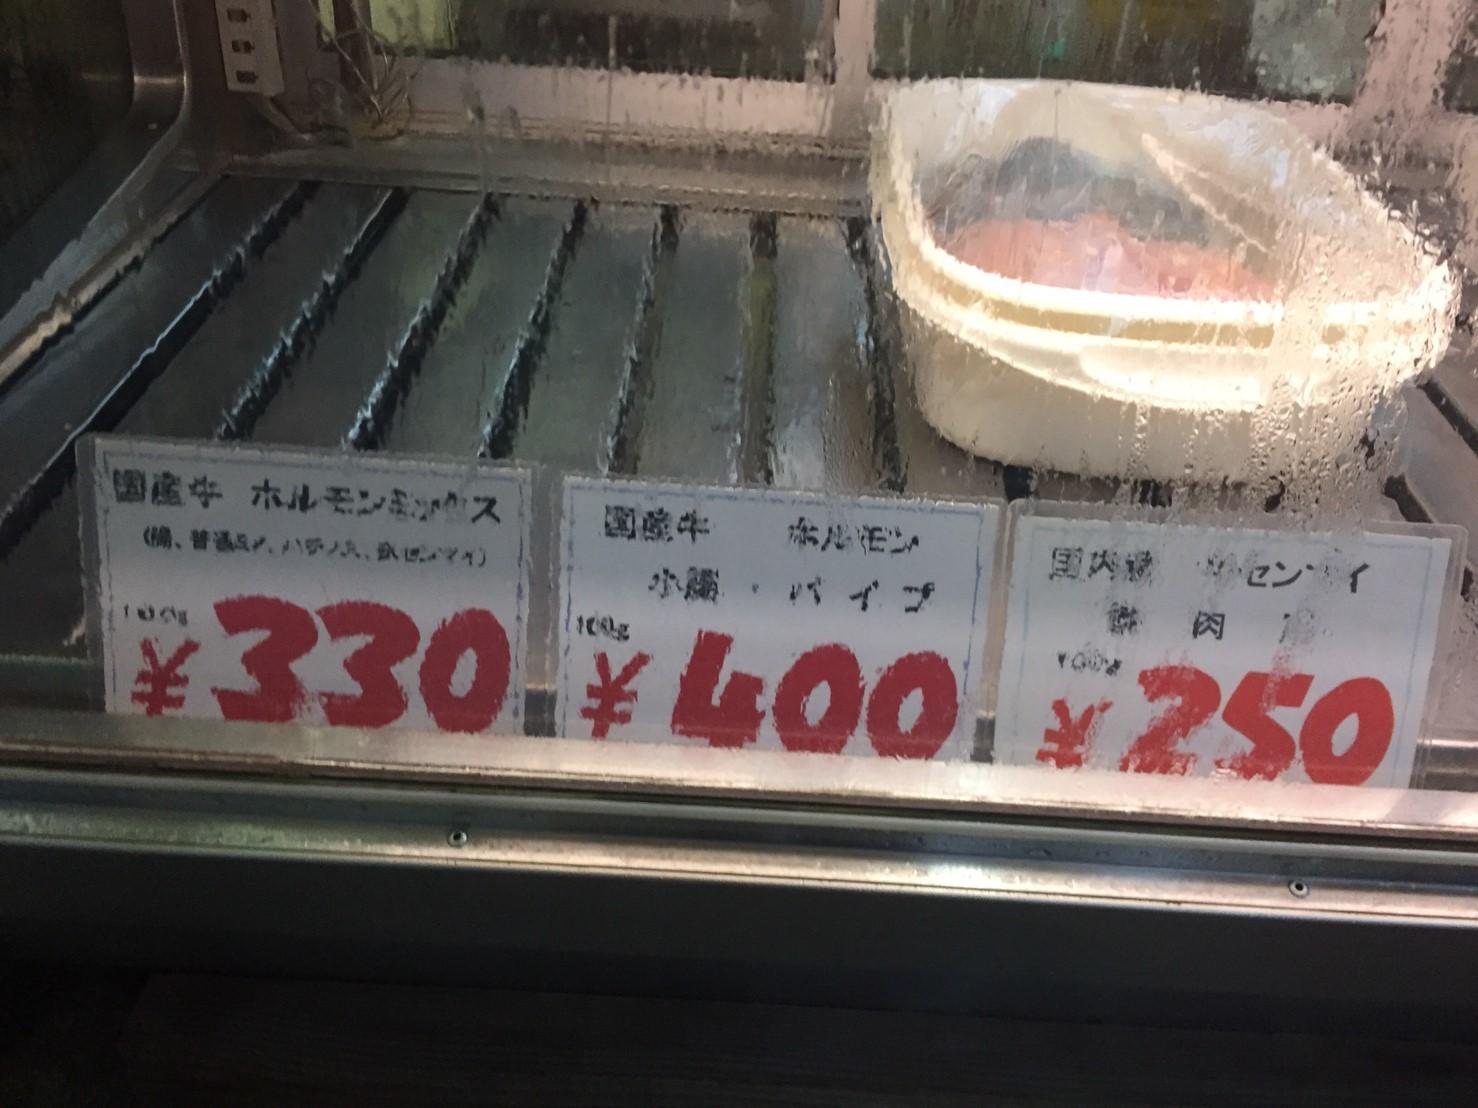 浜岡精肉店 泊の牛豚ホルモン_e0115904_01311899.jpg